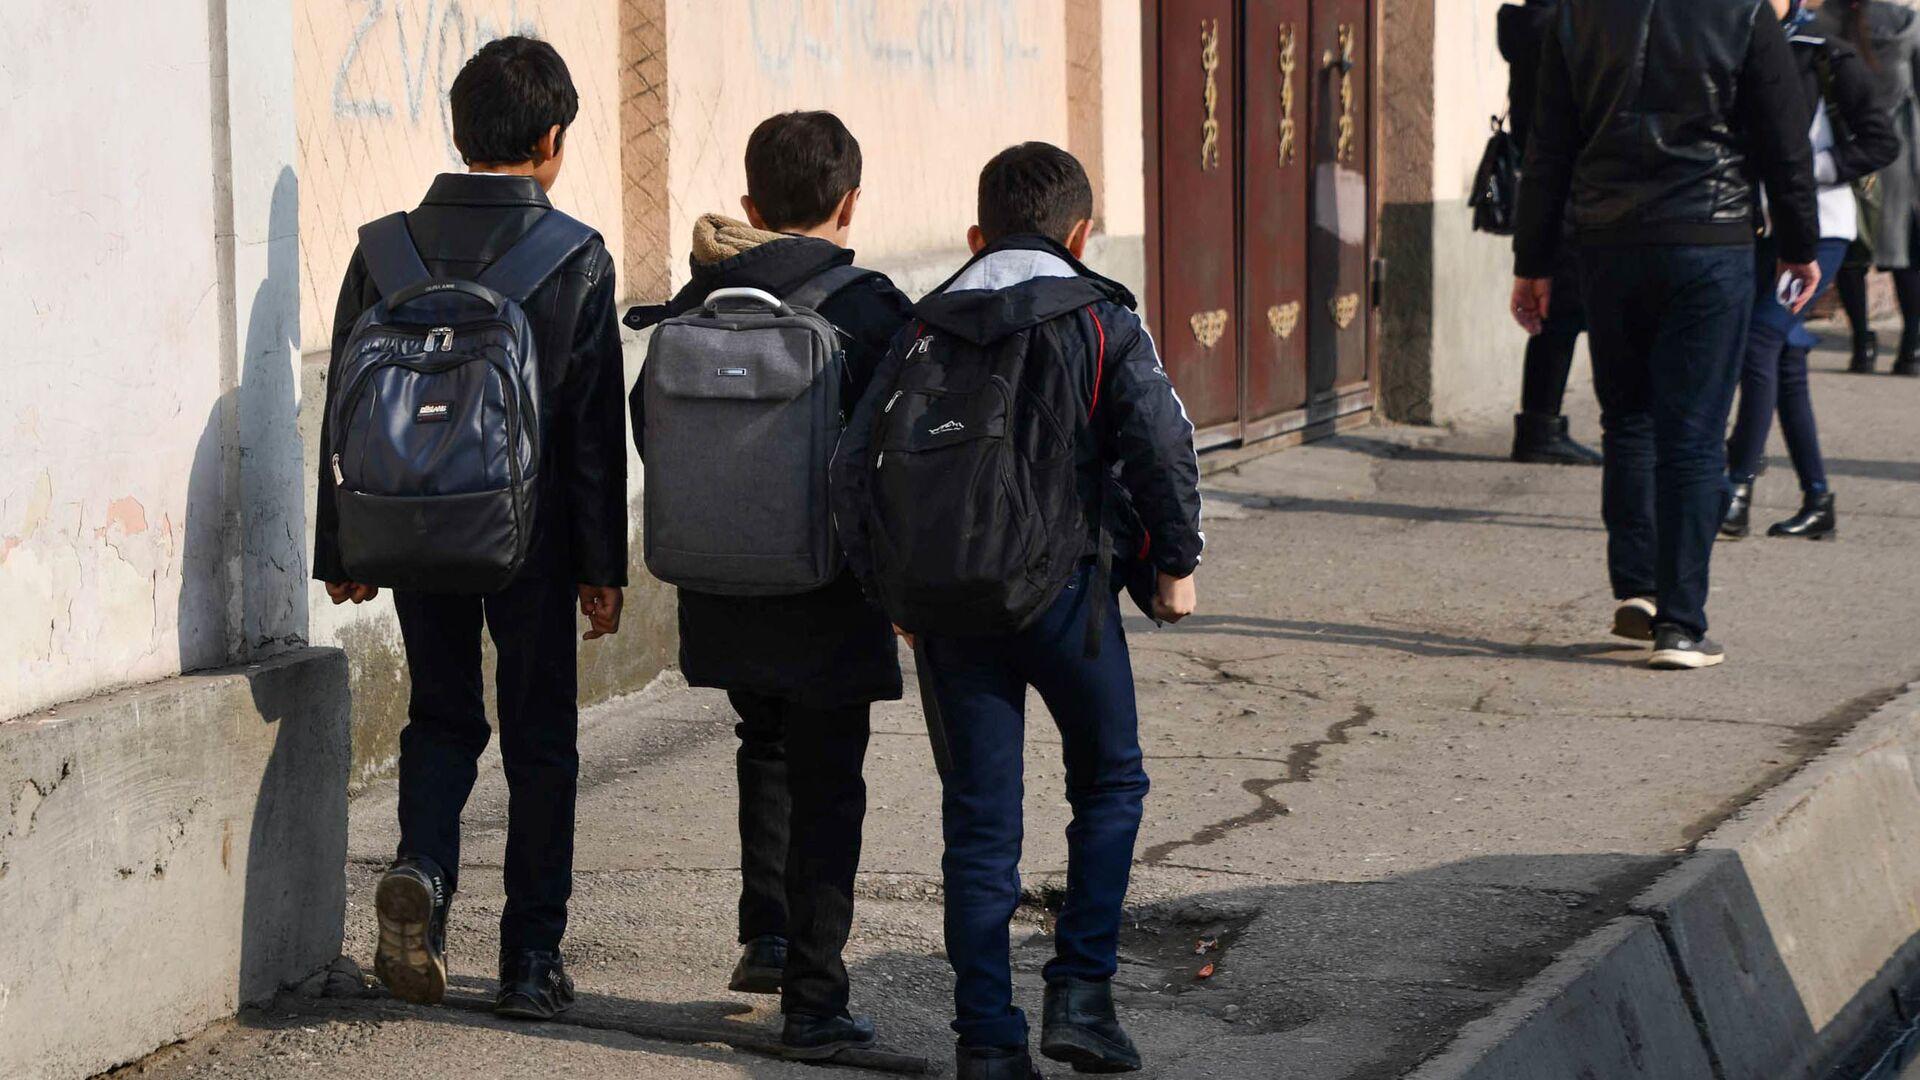 Школьники идут по улице города Душанбе - Sputnik Тоҷикистон, 1920, 22.02.2021